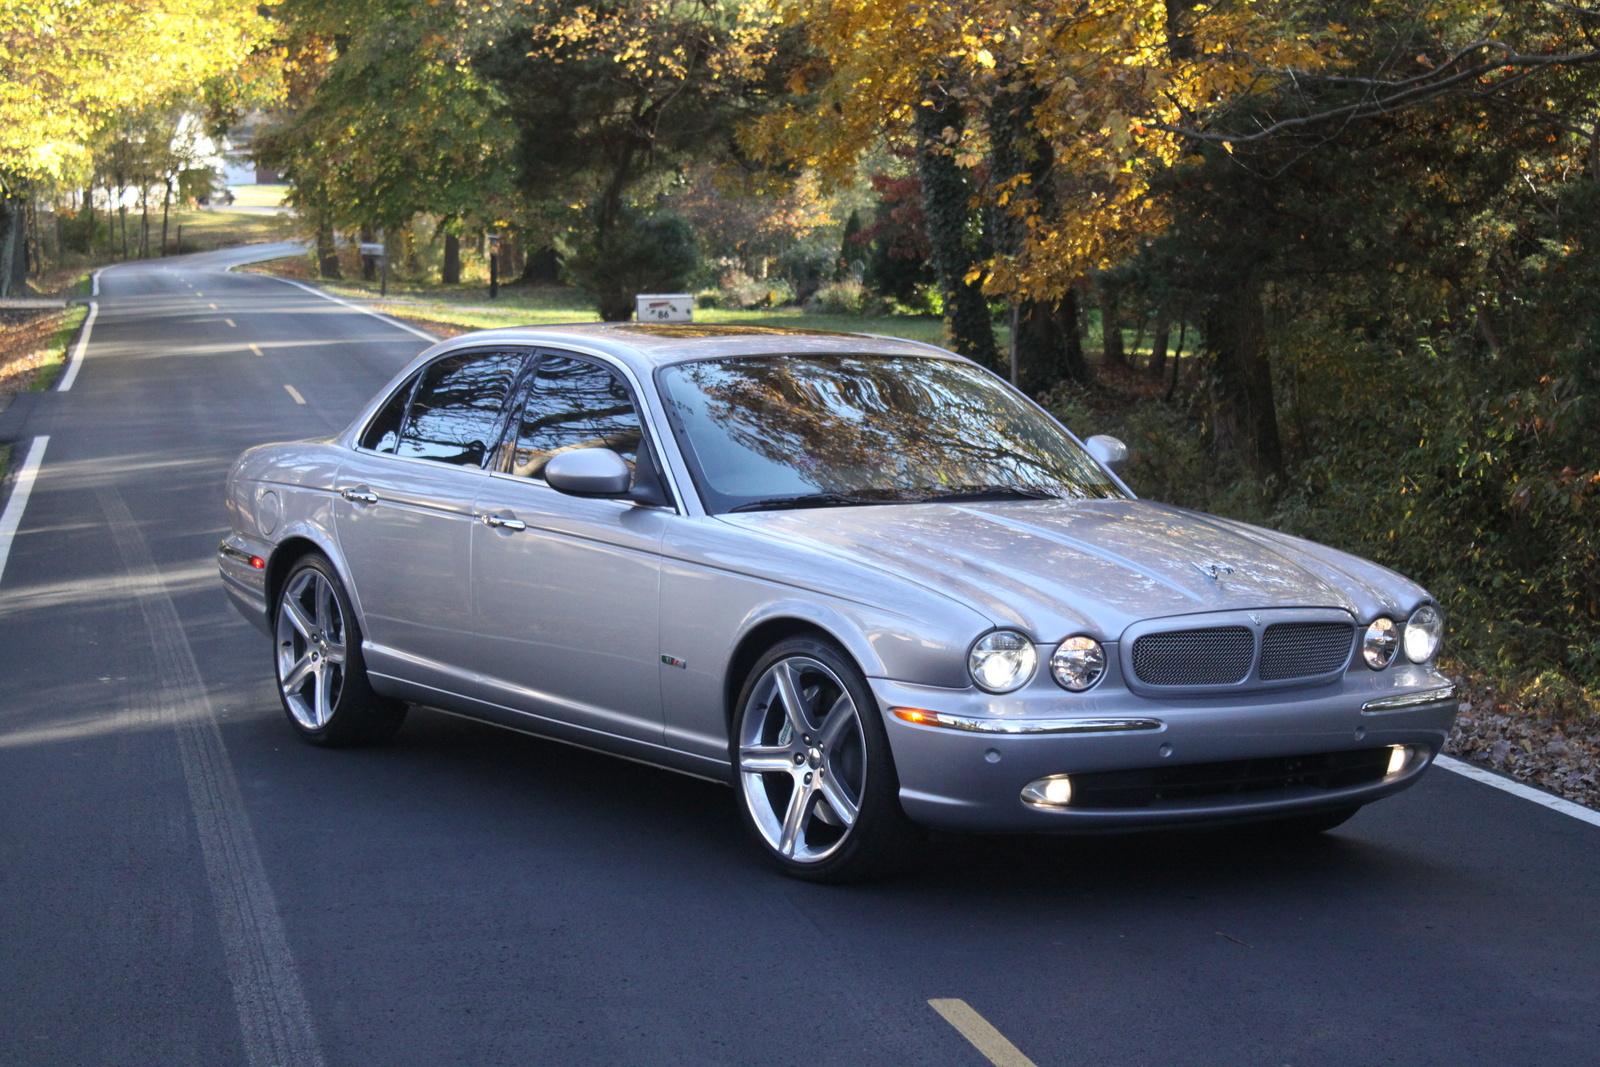 2005 Jaguar Xjr Overview Cargurus